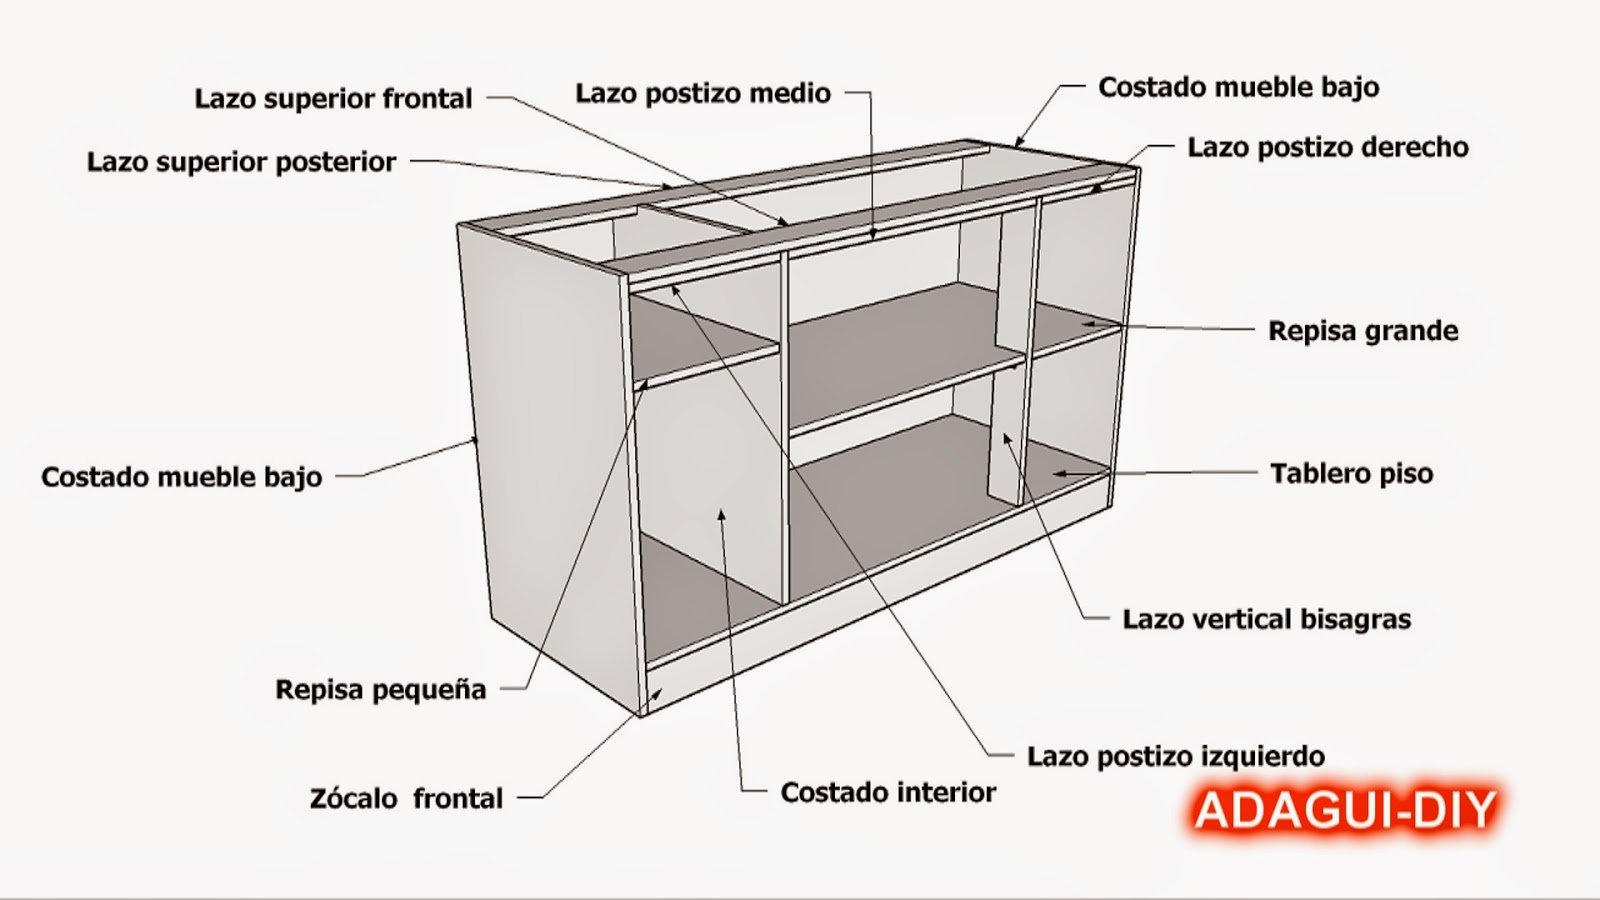 muebles de cocina melamina Amoblamientos de Cocina - imagenes de muebles de cocina melamina